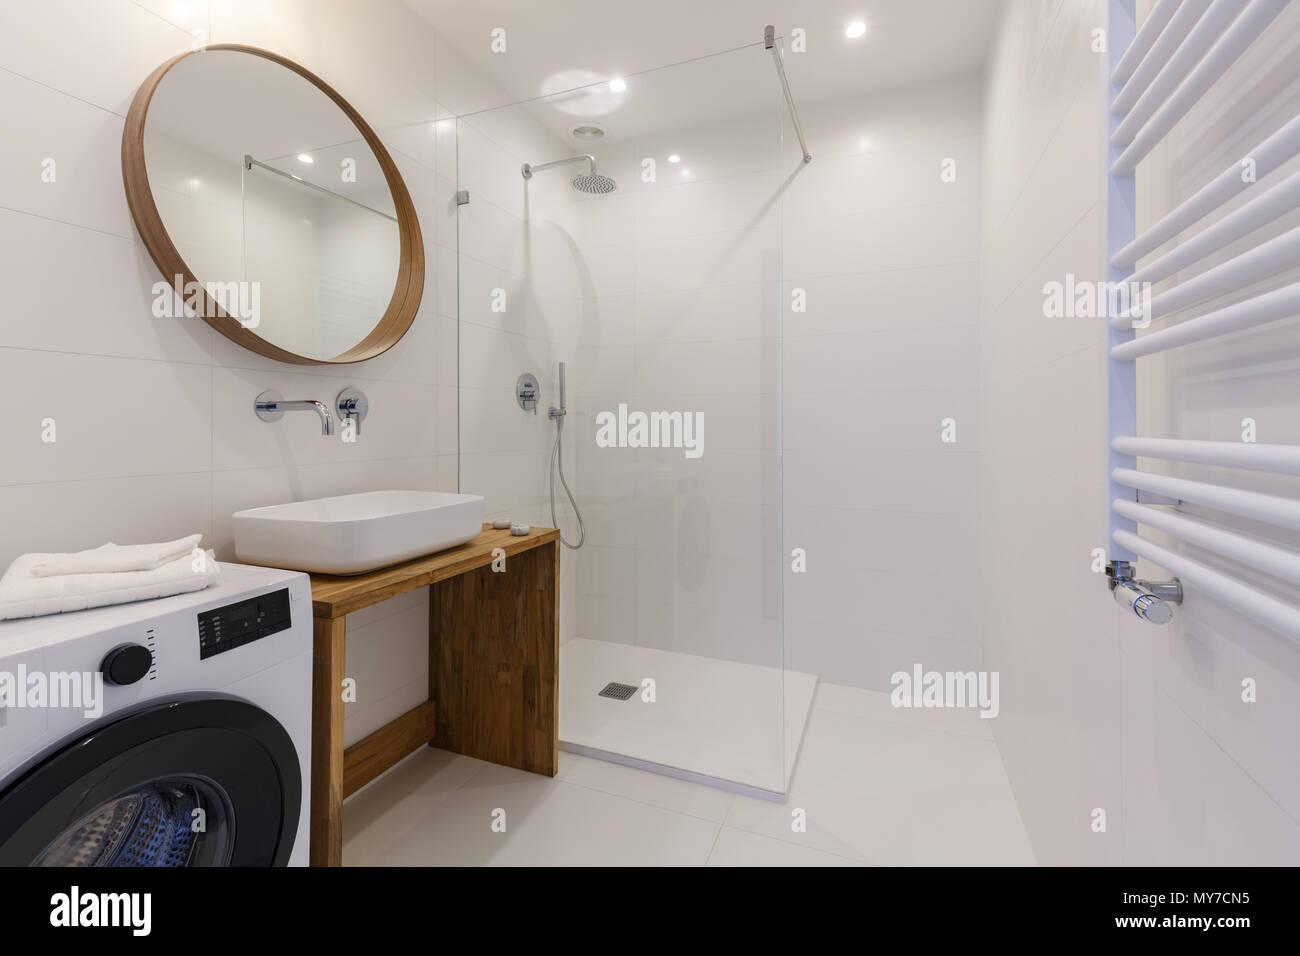 Spiegel Uber Dem Waschbecken In Weisses Bad Mit Dusche Und